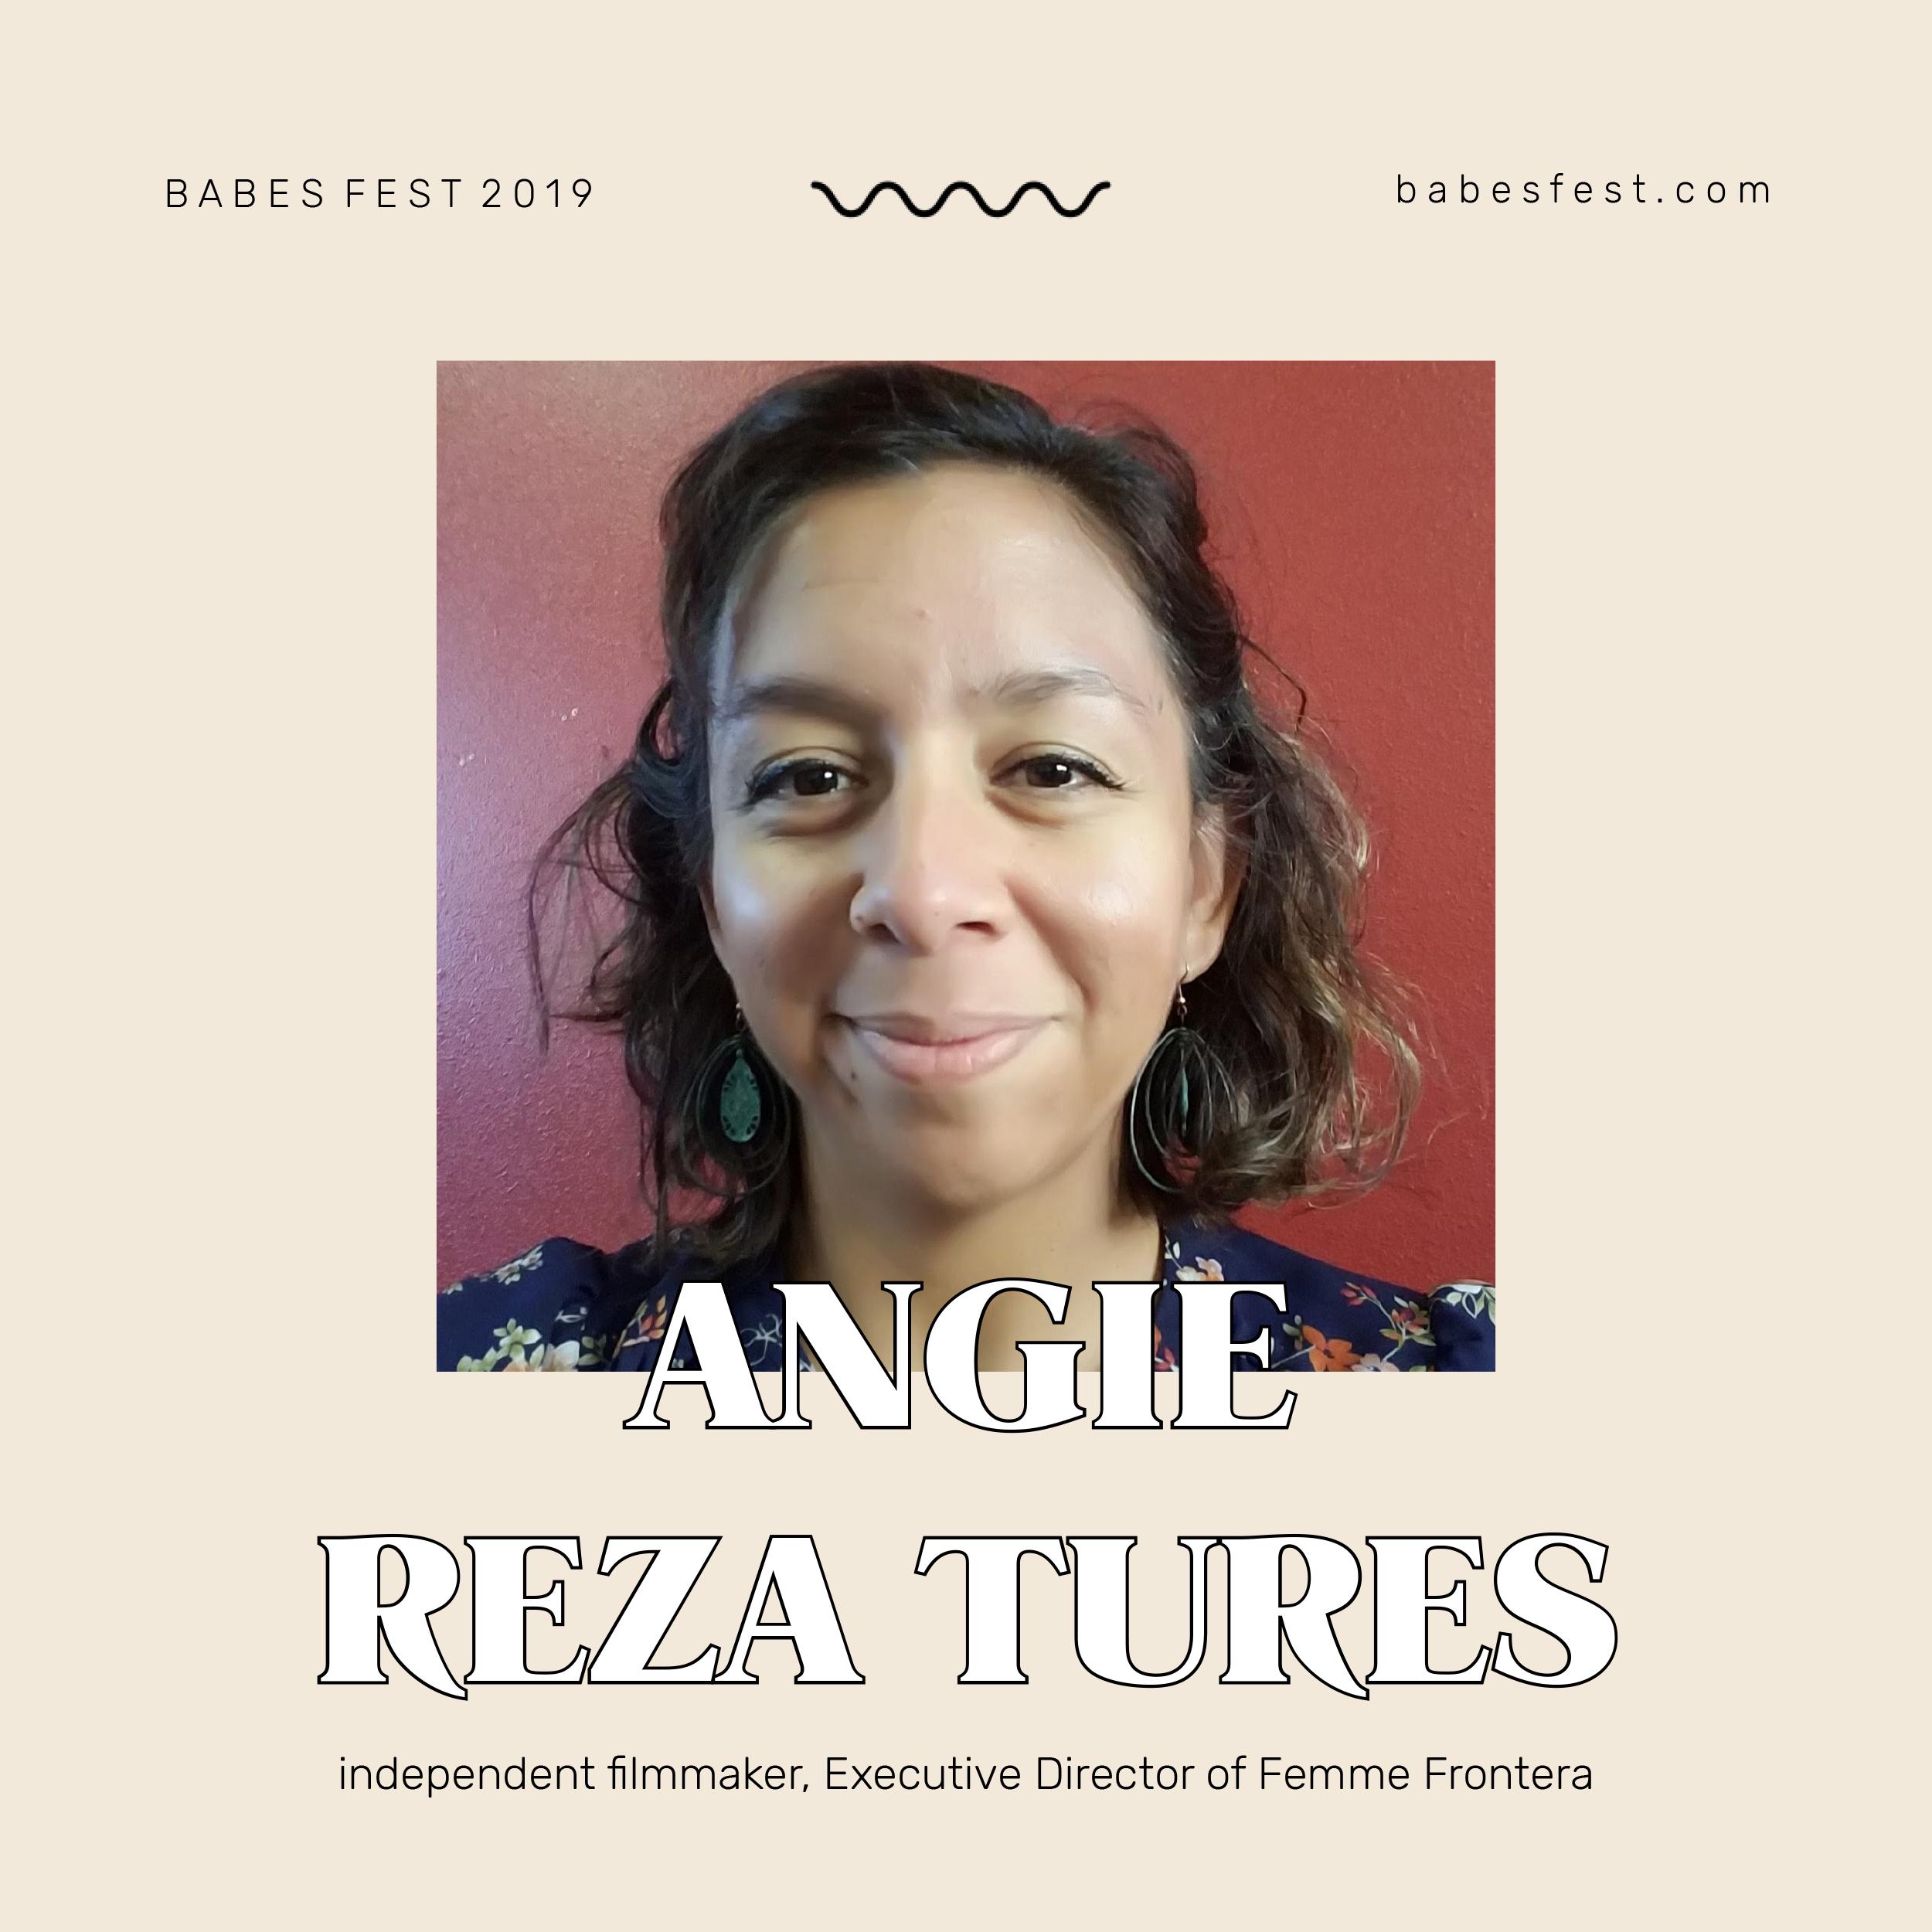 Angie Reza Tures